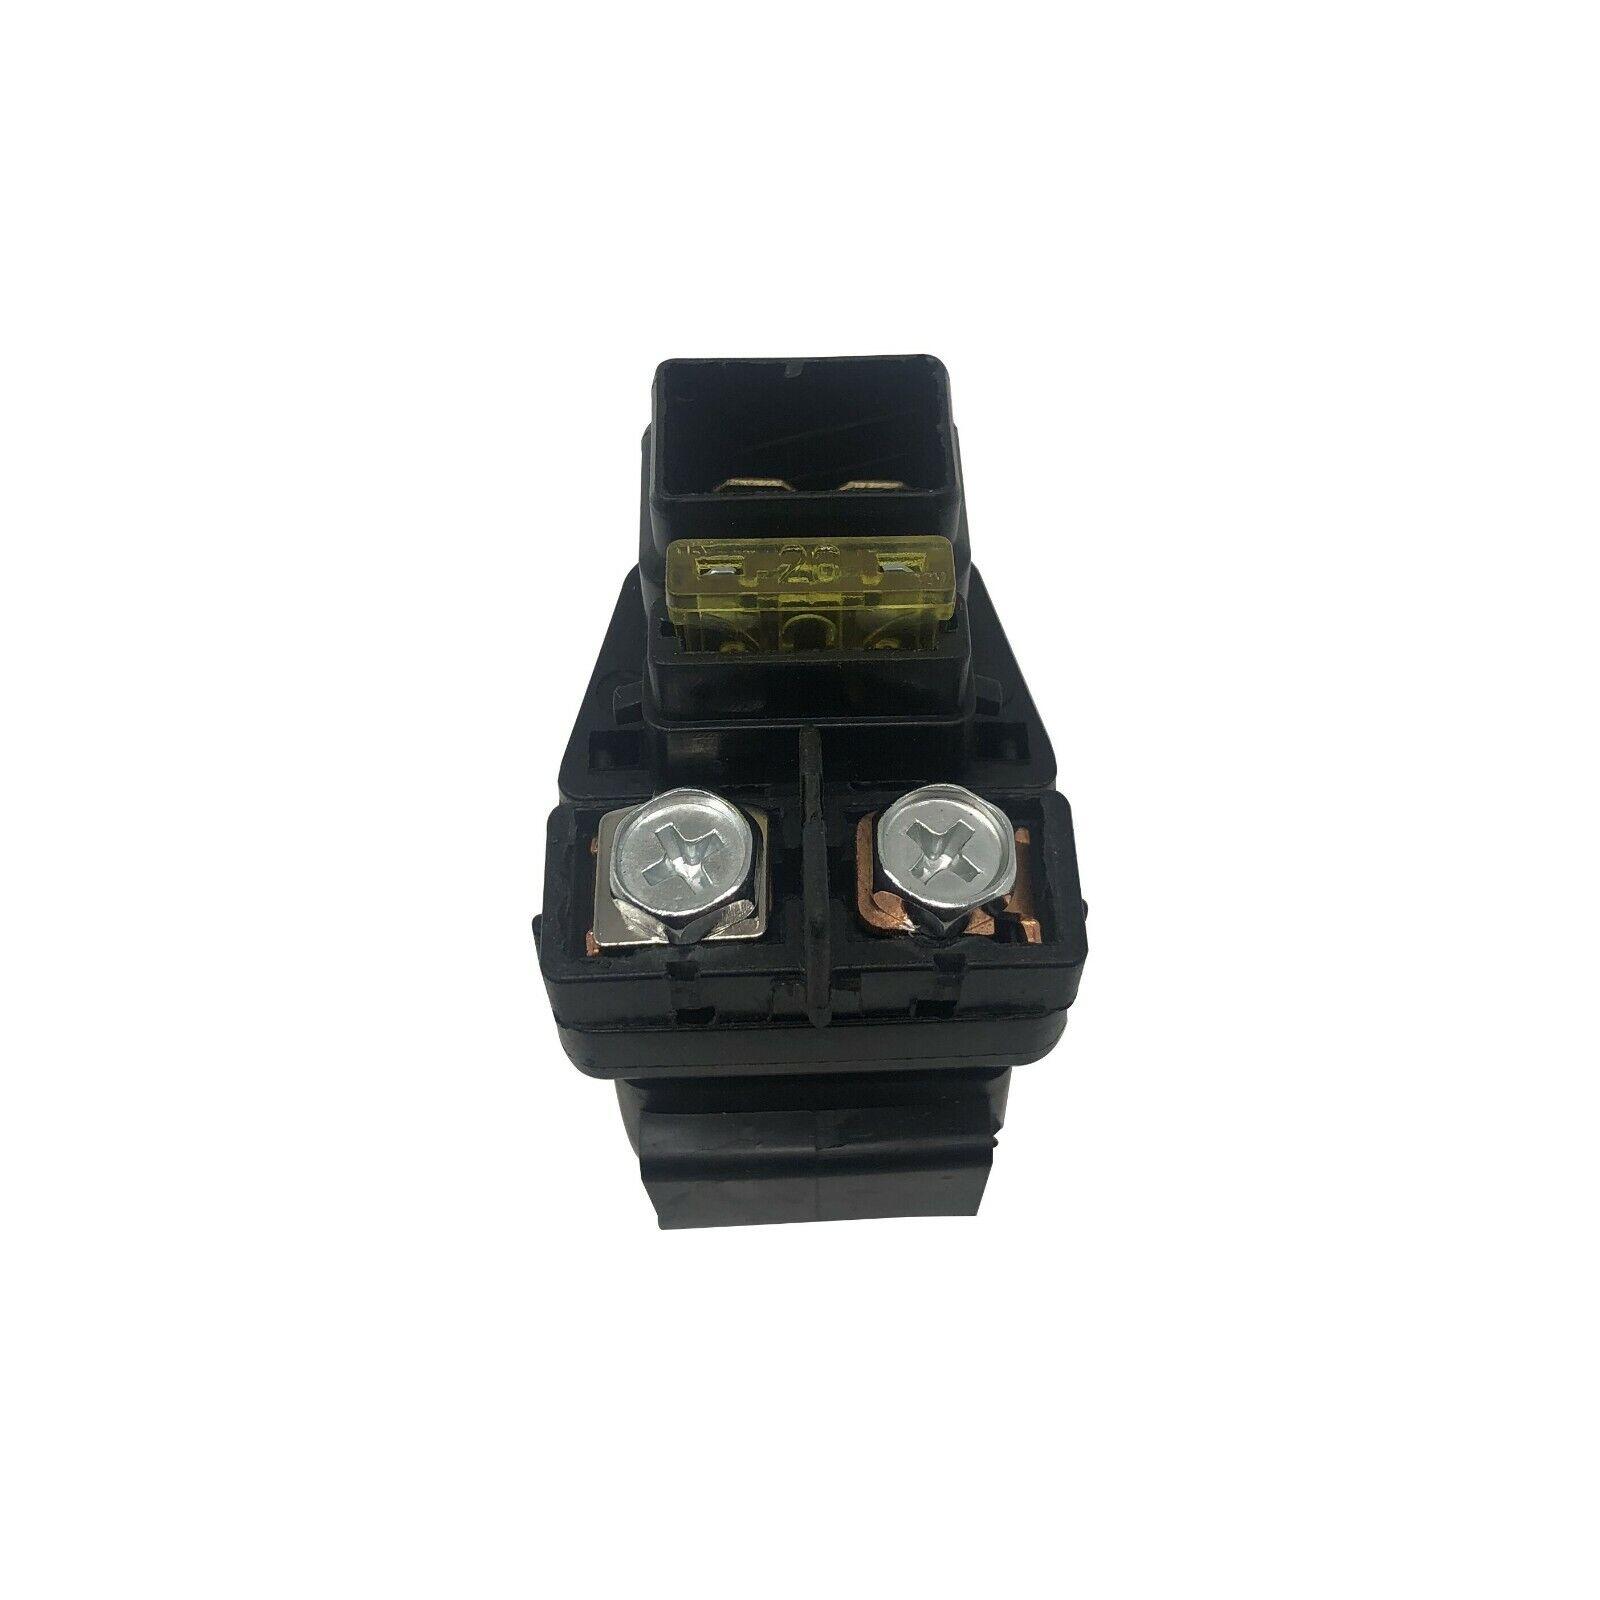 STARTER SOLENOID RELAY FITS SUZUKI LT-Z400 LT-Z400F QUADSPORT Z400 2x4 2003-2008